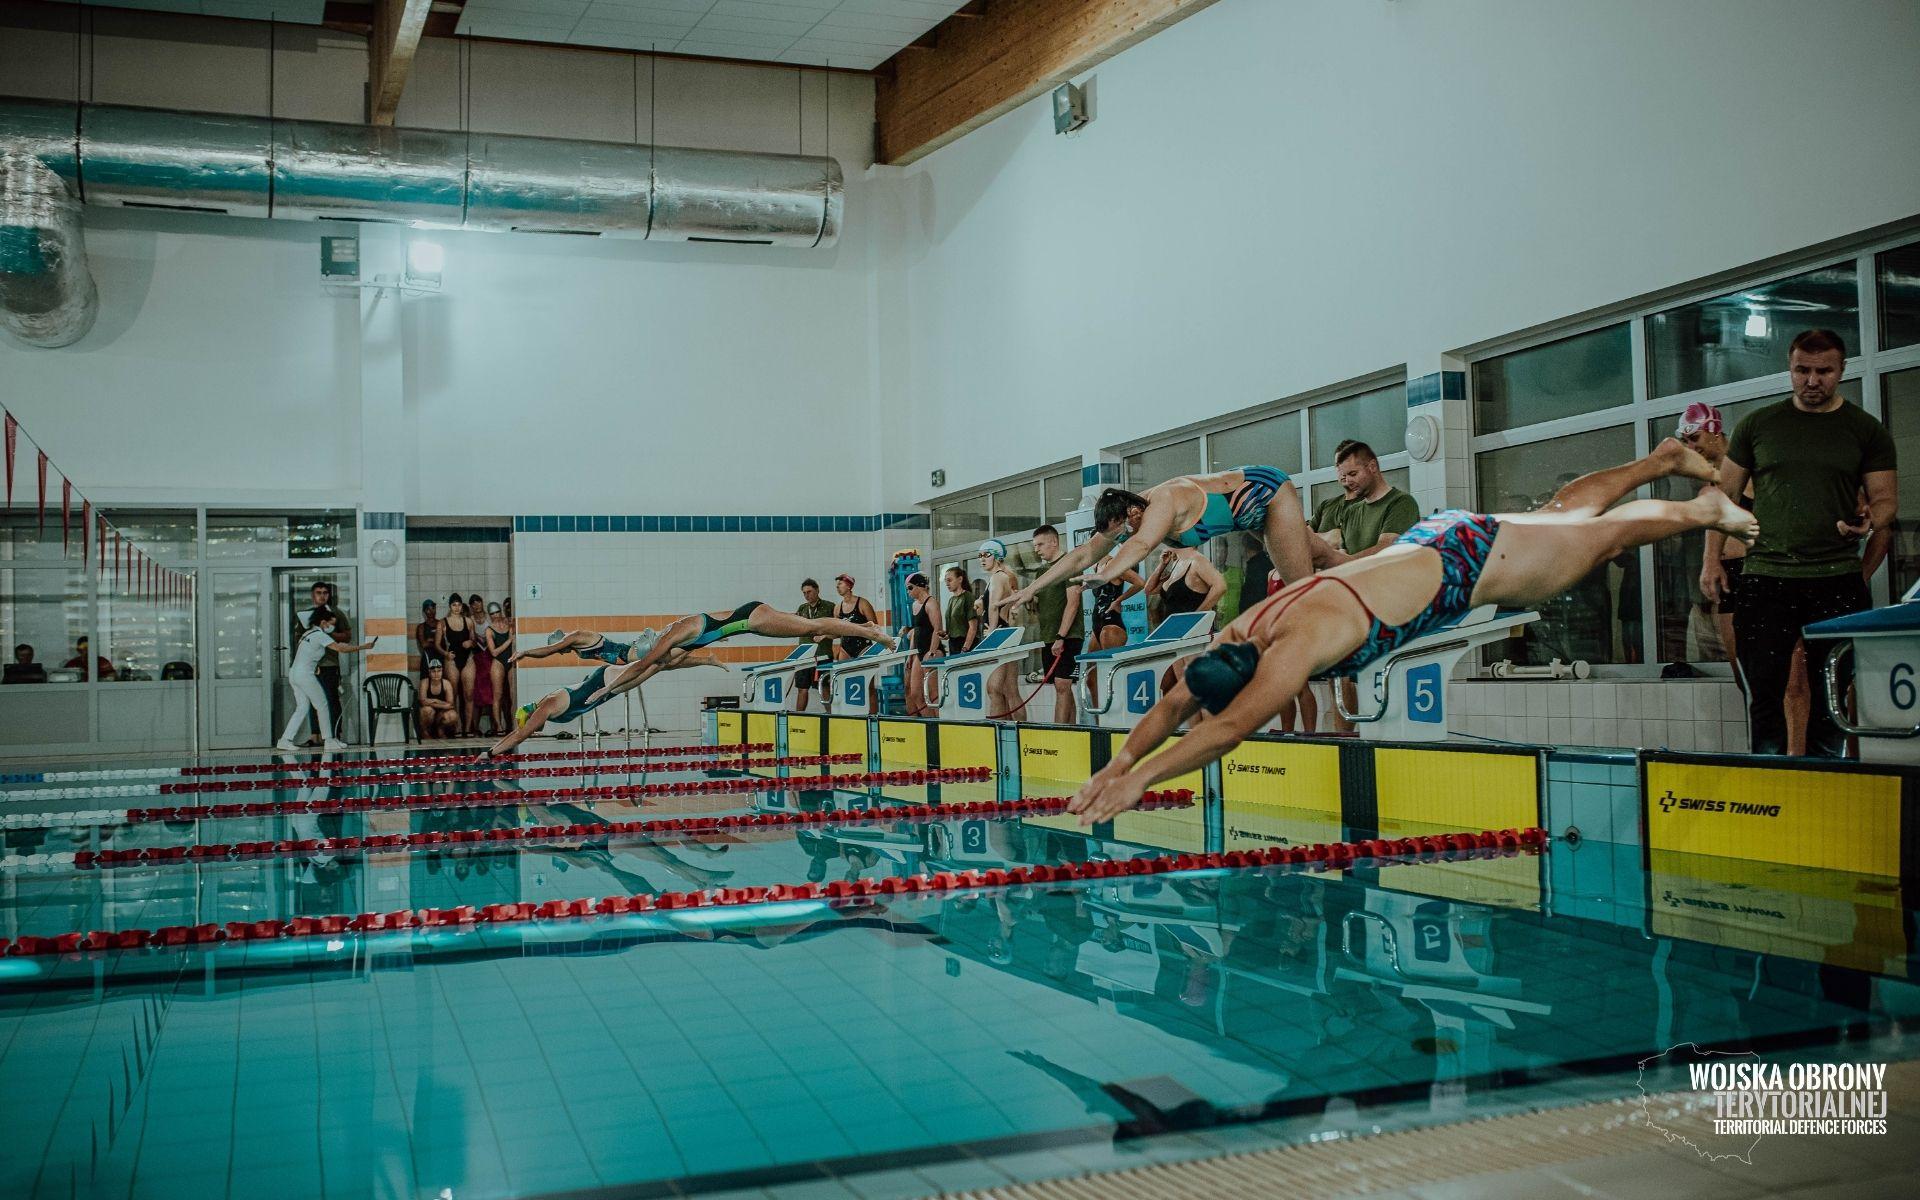 Lubelscy Terytorialsi wygrali zawody pływackie Wojsk Obrony Terytorialnej  - Zdjęcie główne